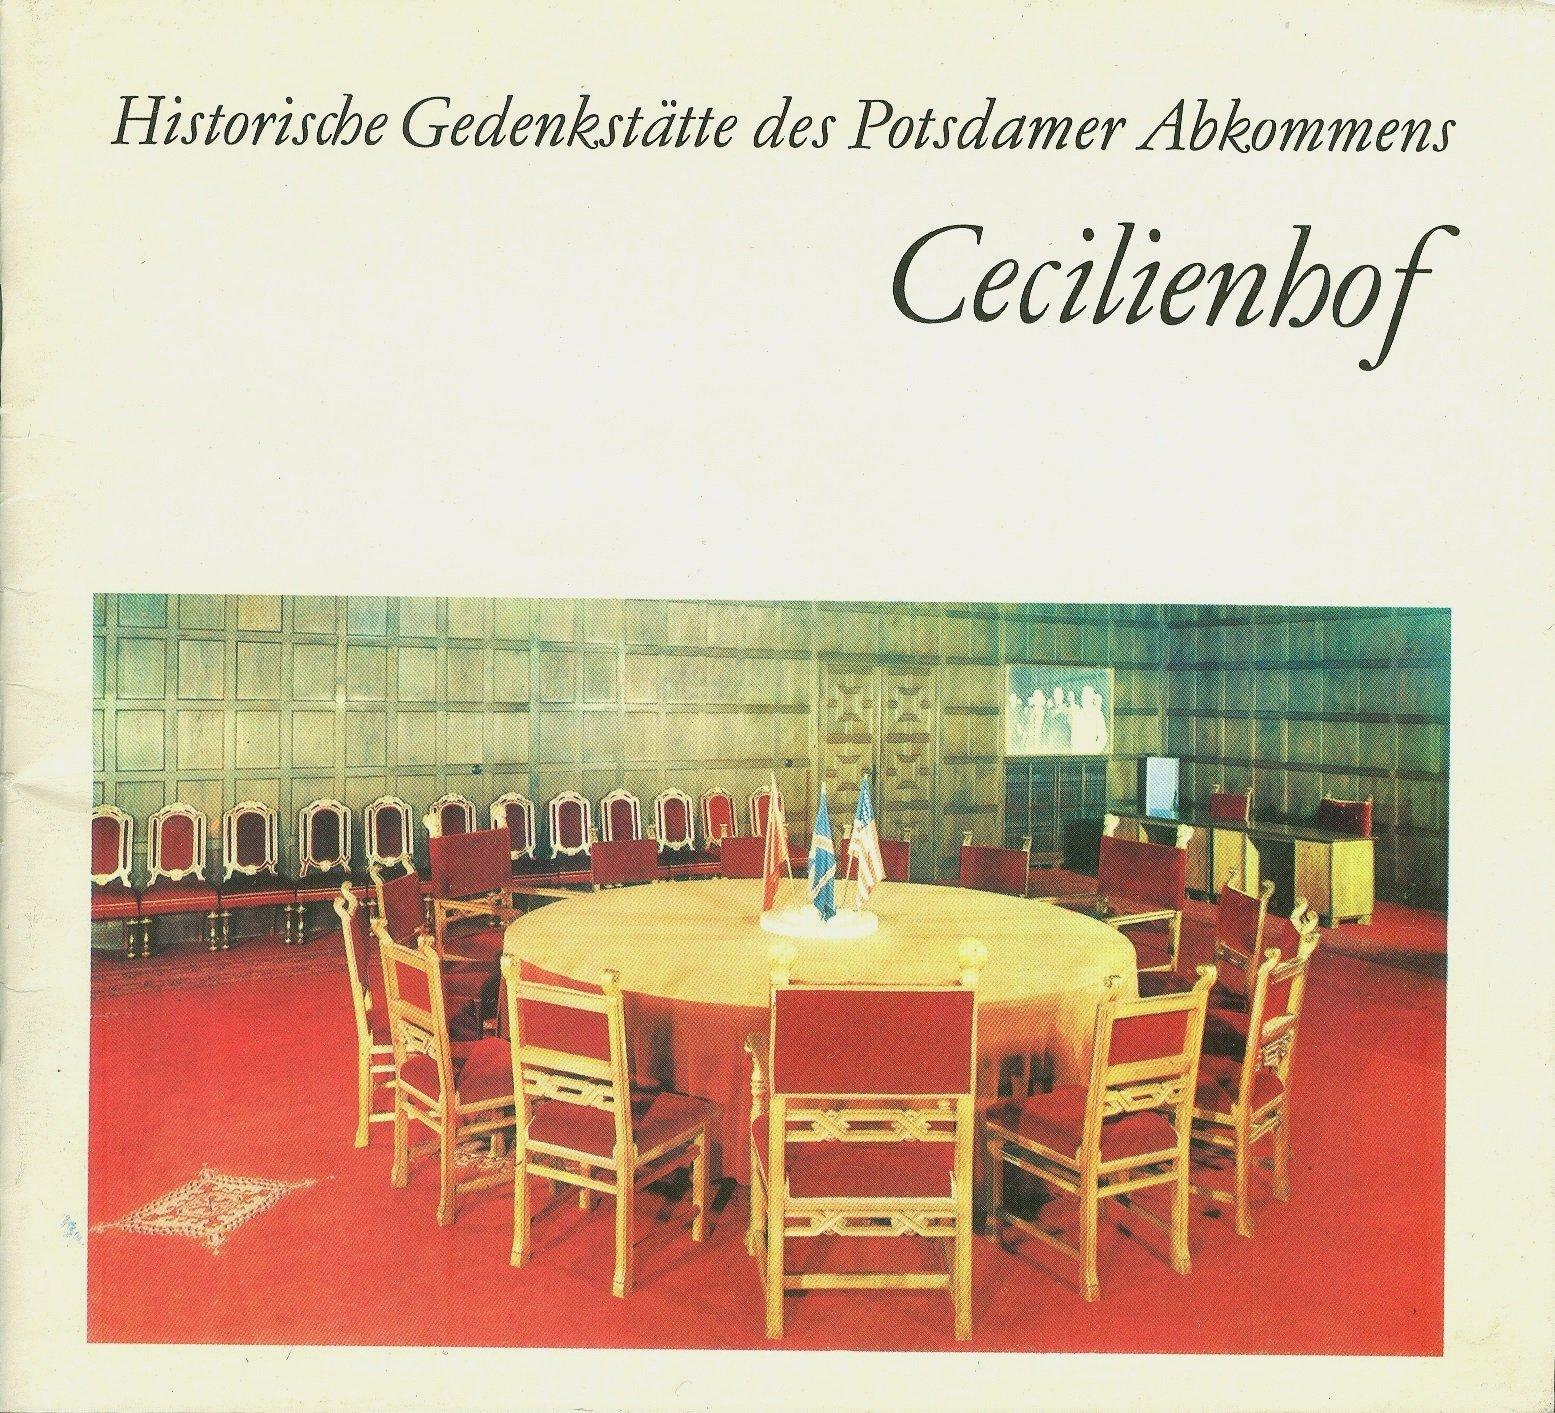 Cecilienhof: Historische Gedenkstatte des Potsdamer Abkommens ...